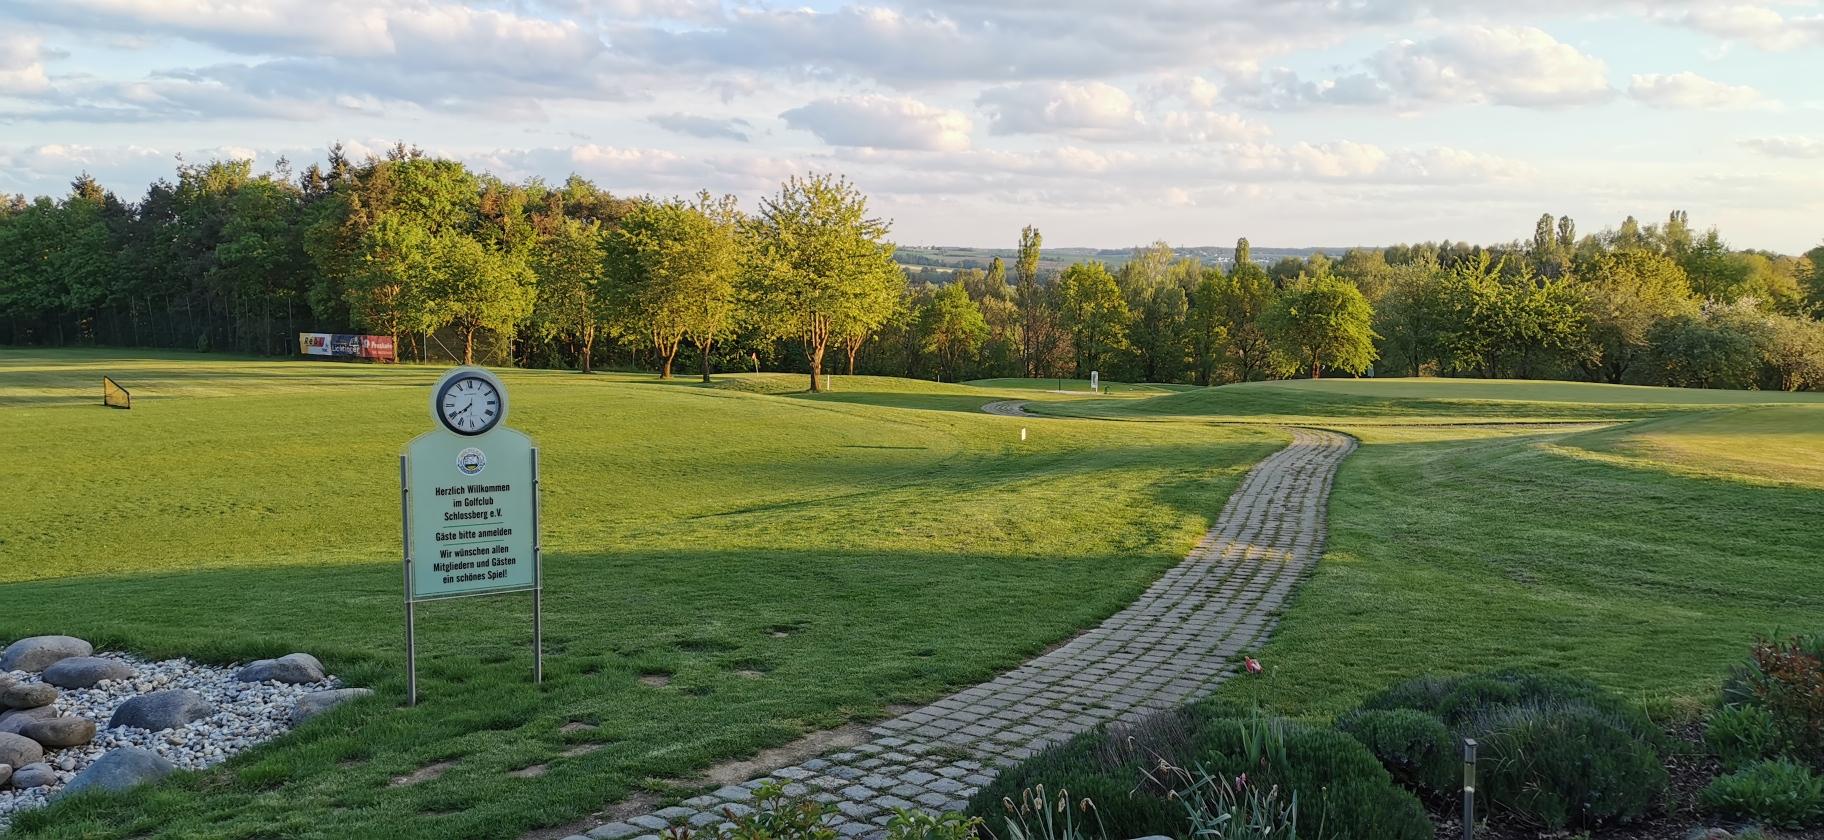 Wiedereröffnung der Golfanlage am 11.05.2020